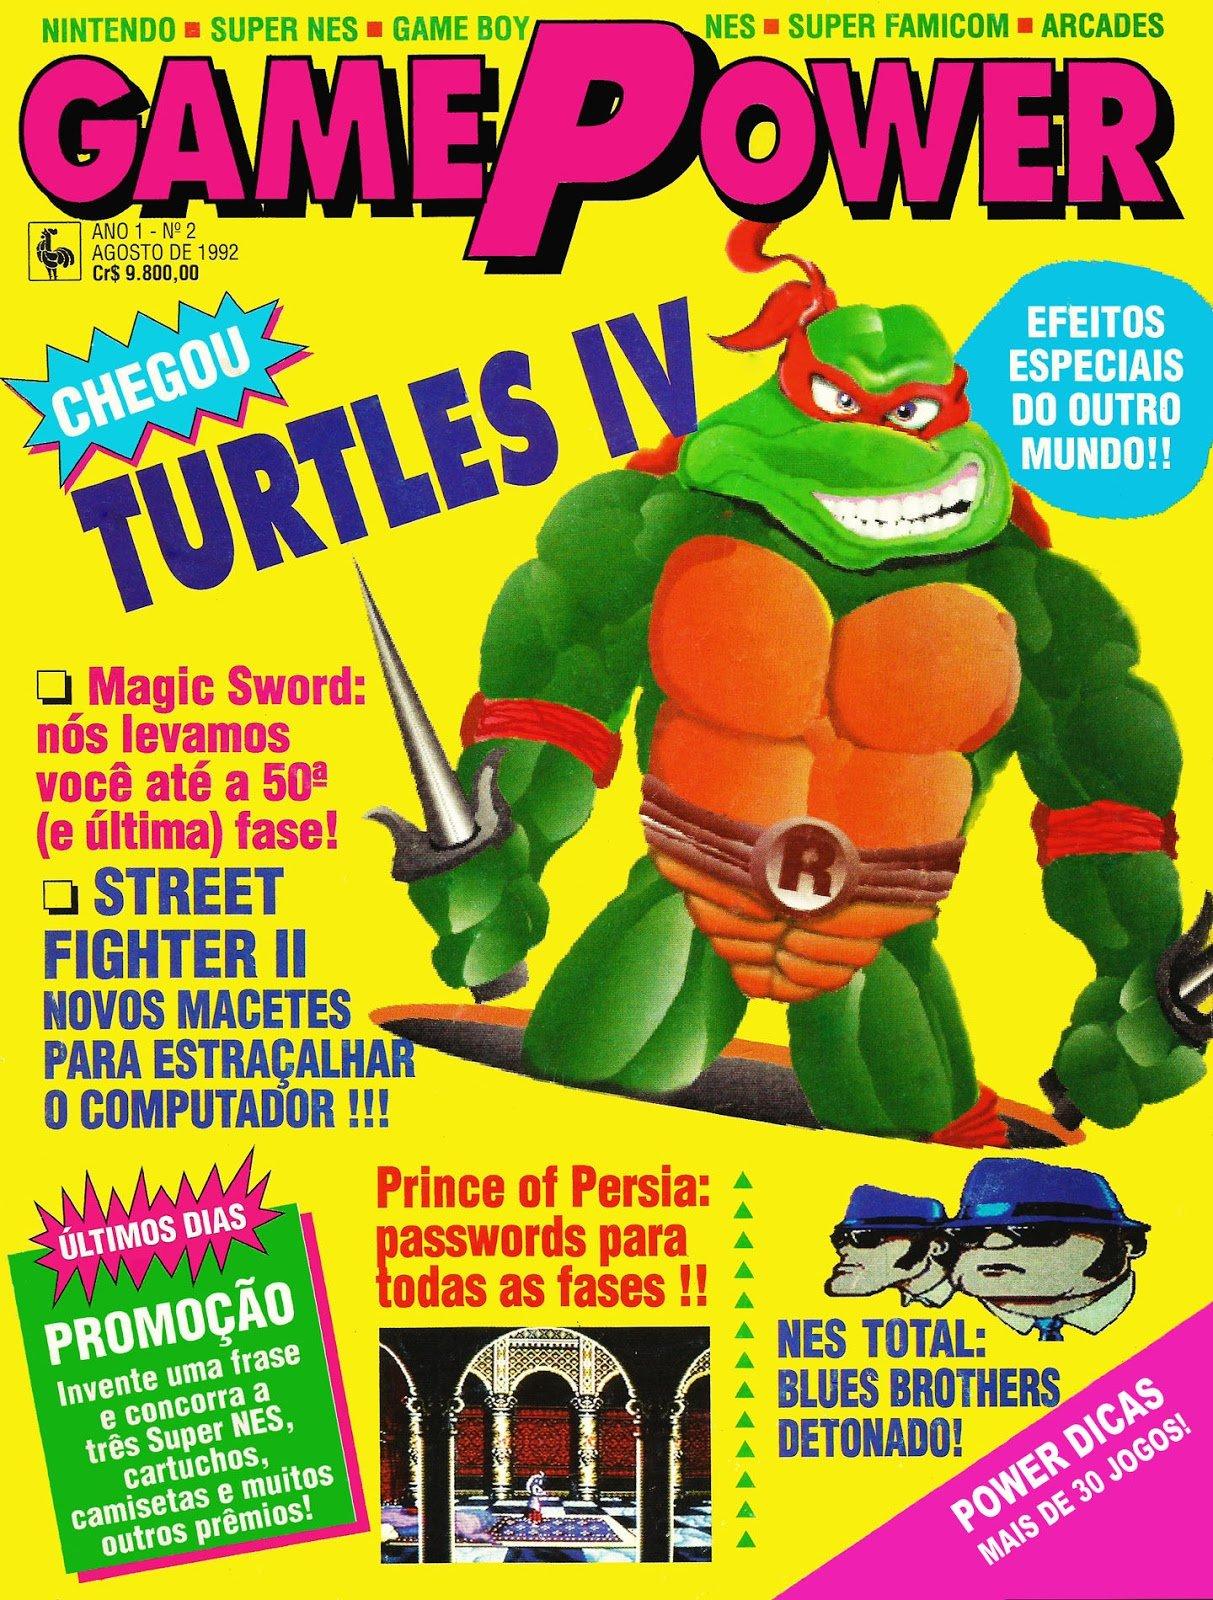 GamePower Issue 02 (August 1992)